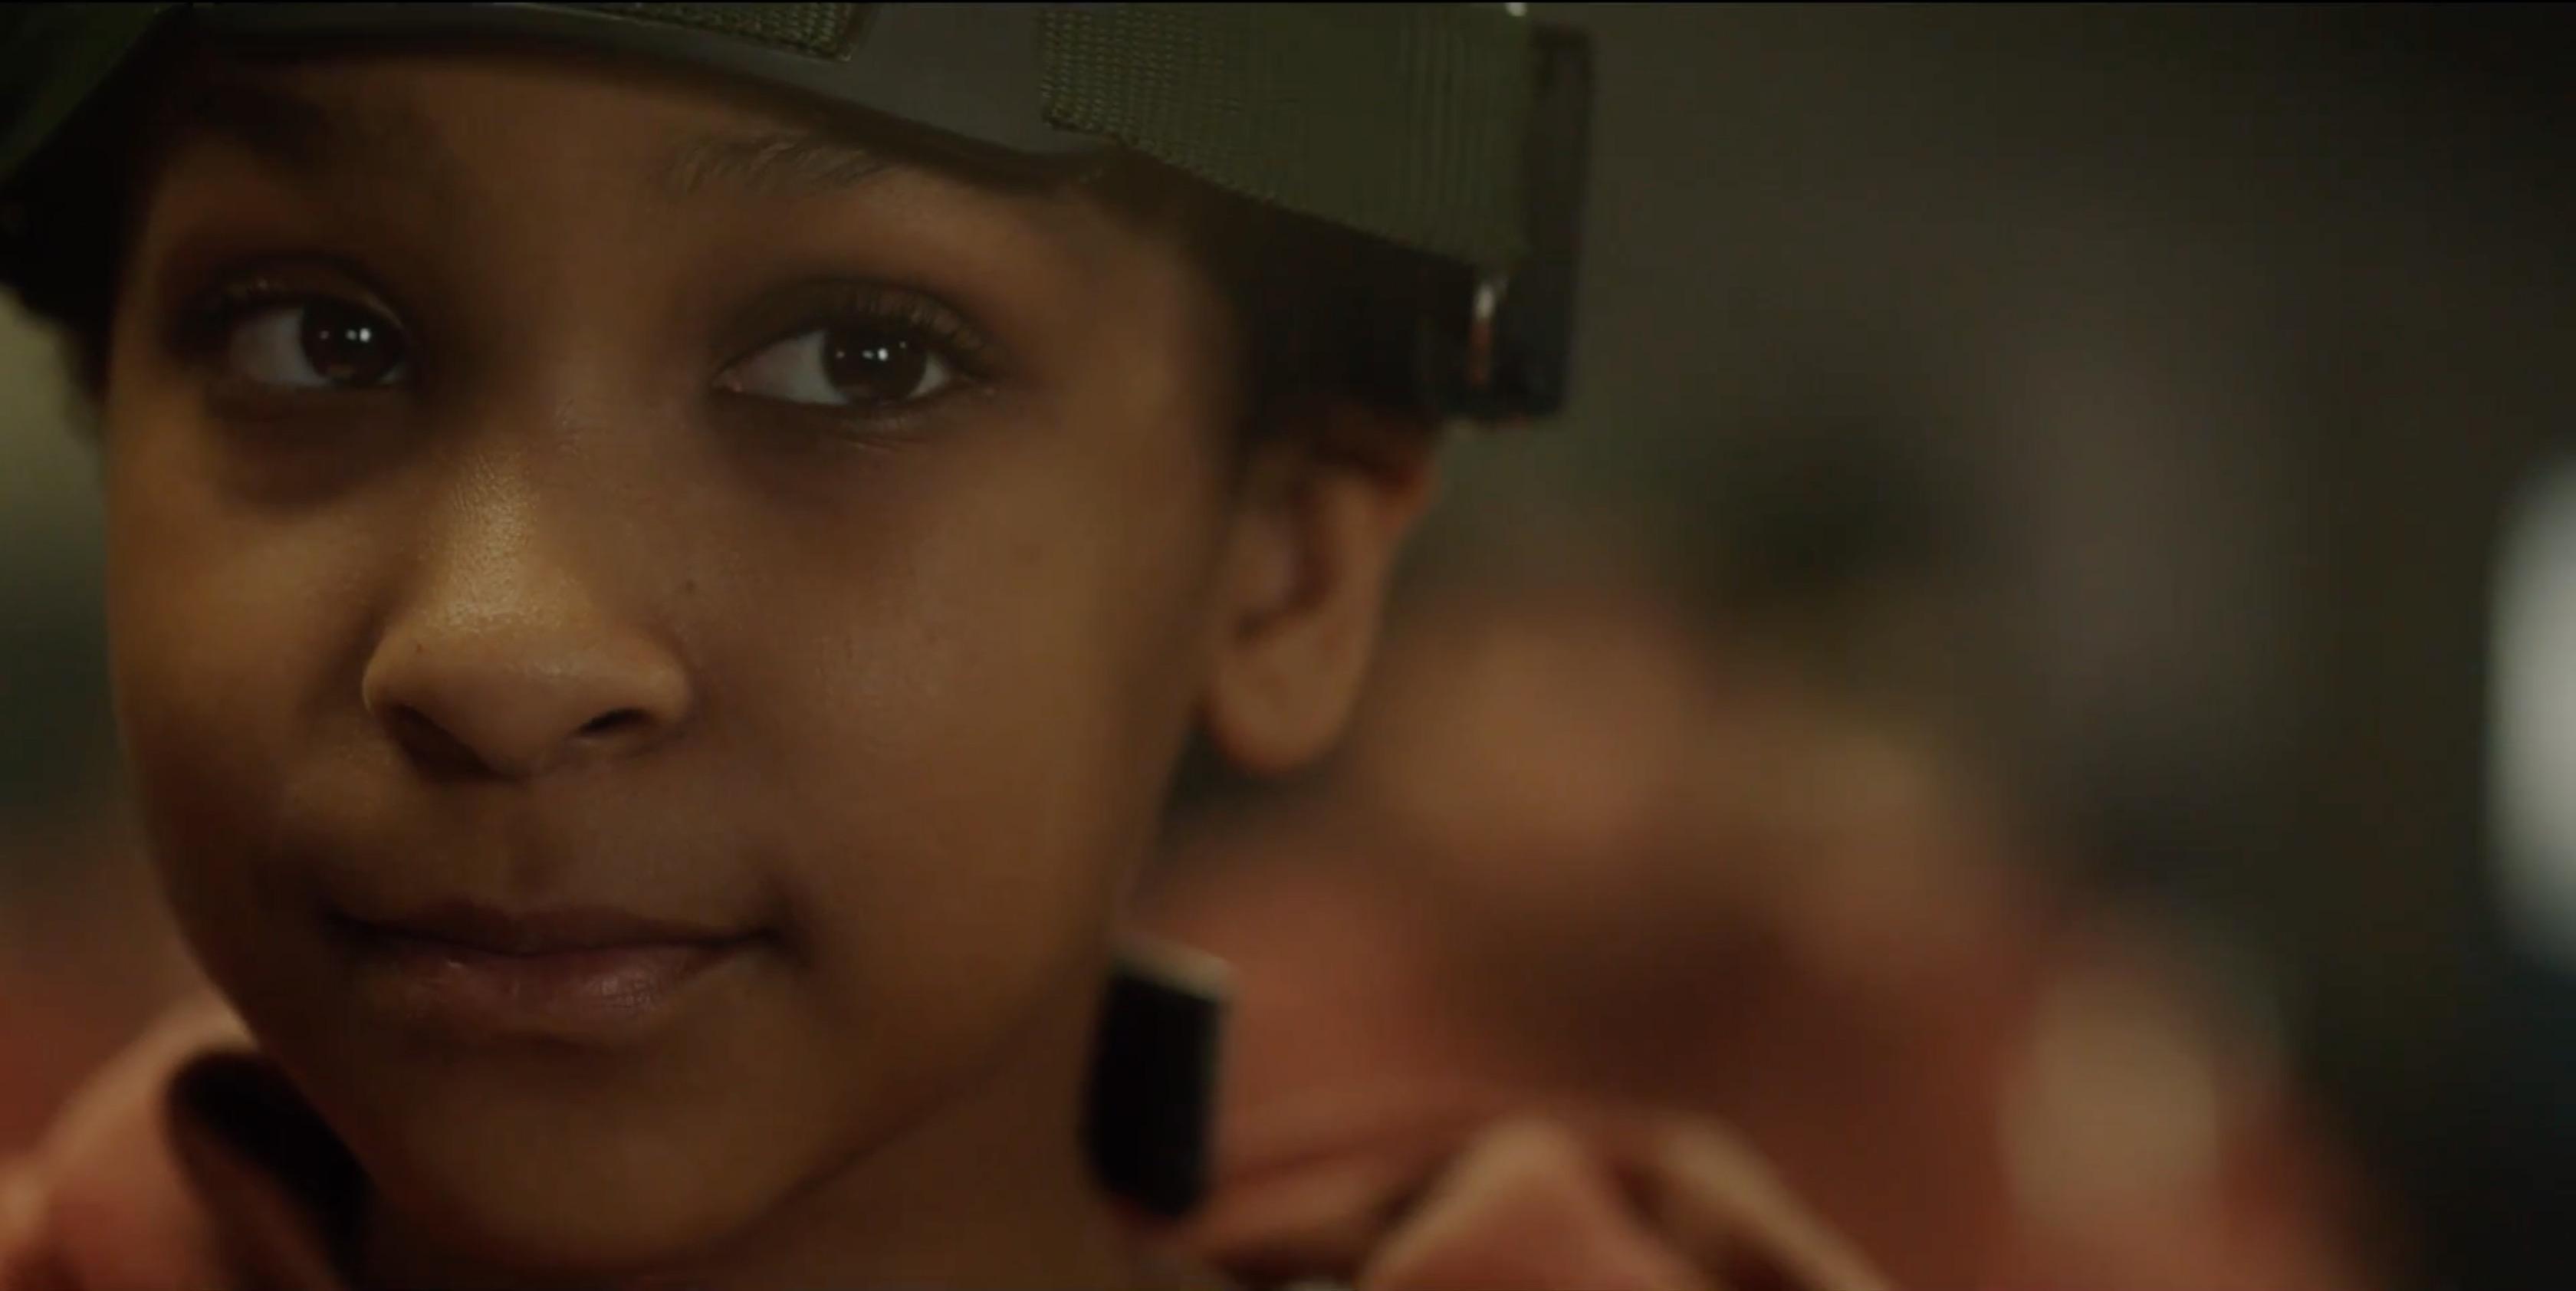 Sennia Nanua hace su debut cinematográfico en el papel dela pequeña Melanie.